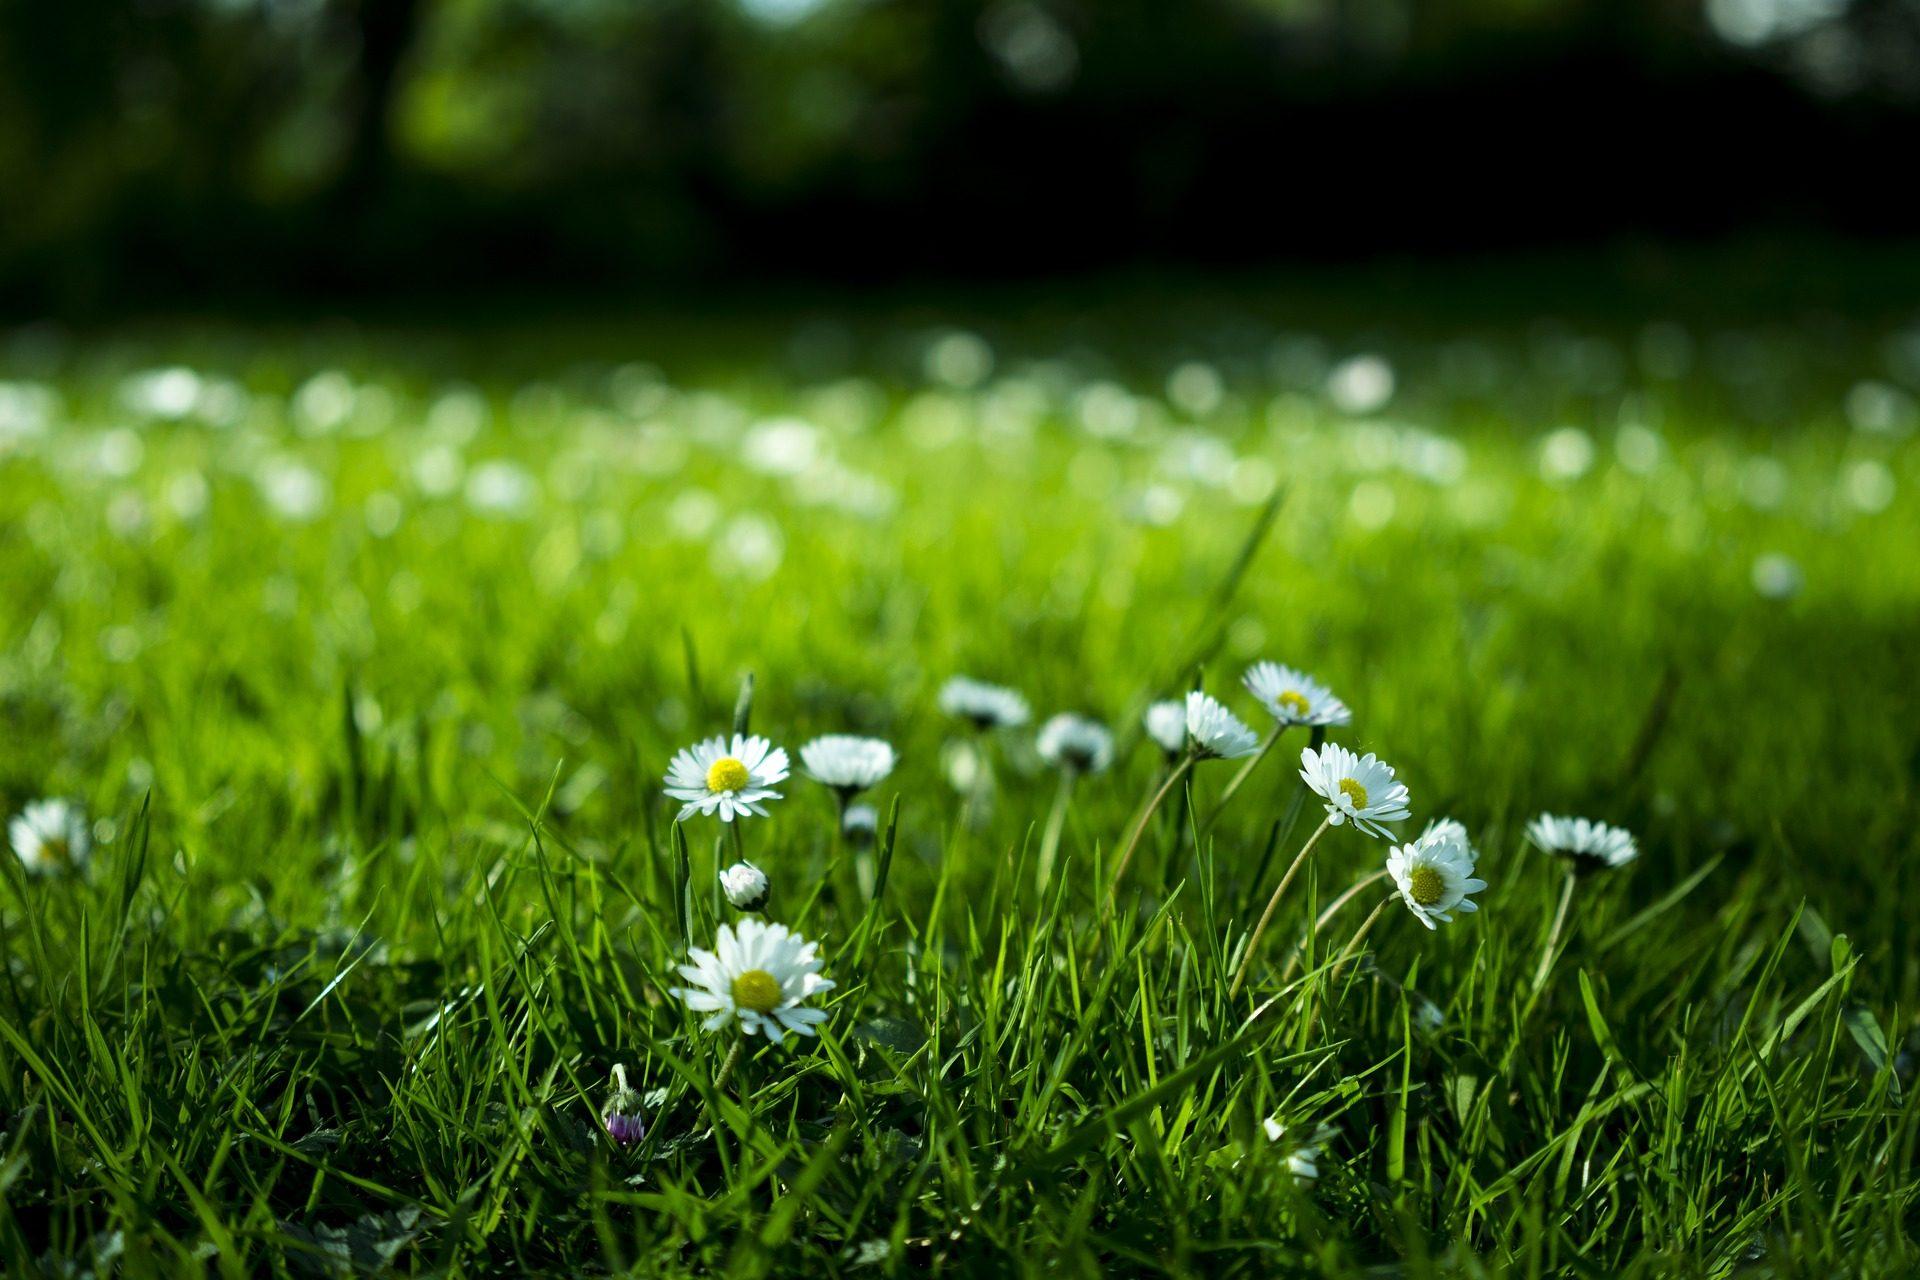 マルガリータ, ガーデン, 草, 花, 植物 - HD の壁紙 - 教授-falken.com